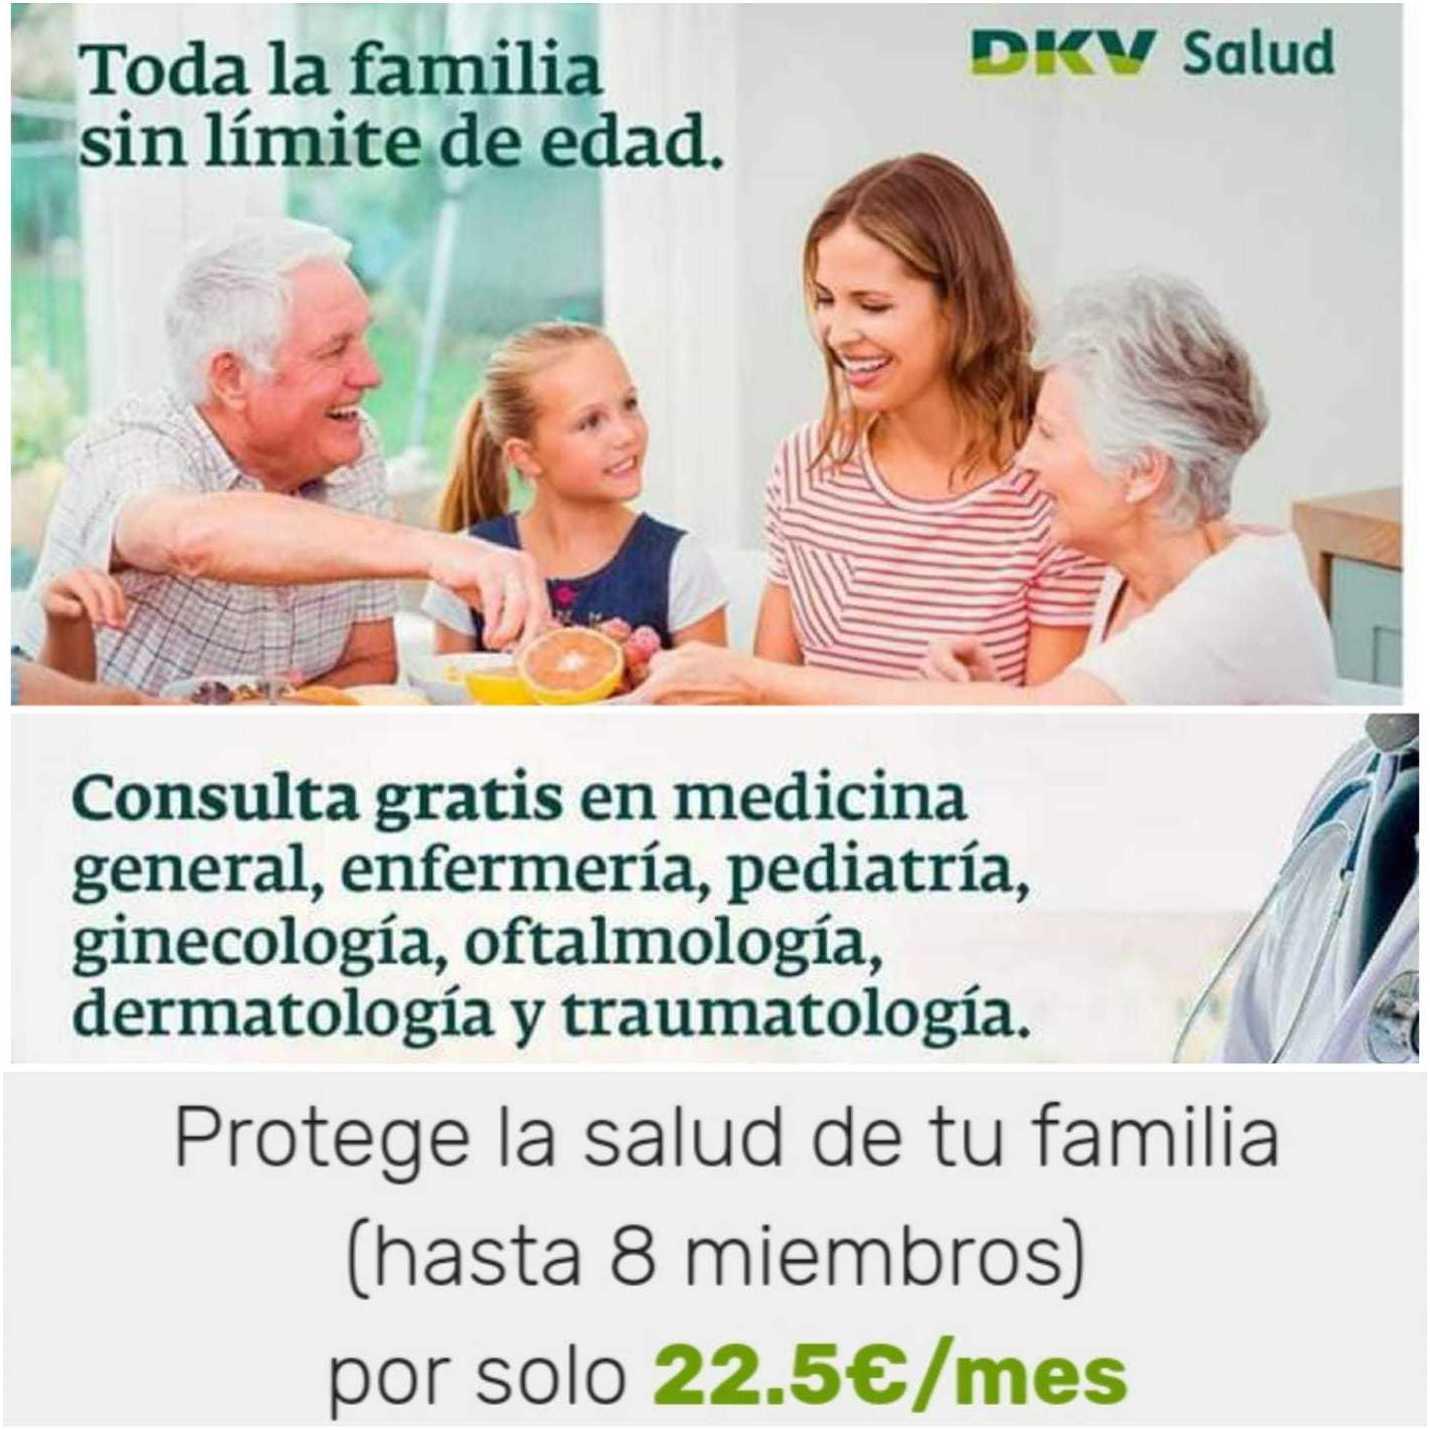 22,50€/mes toda tu familia DKV Famedic Plus